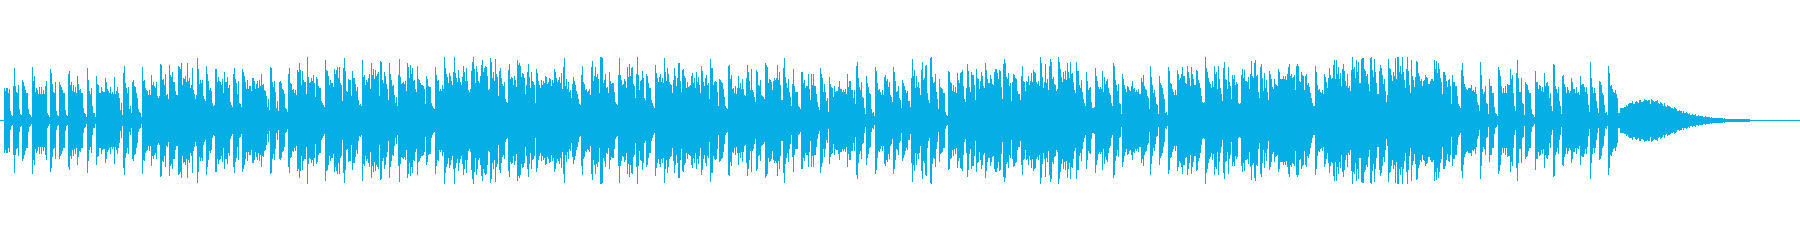 シューティングゲーム風のBGMの再生済みの波形